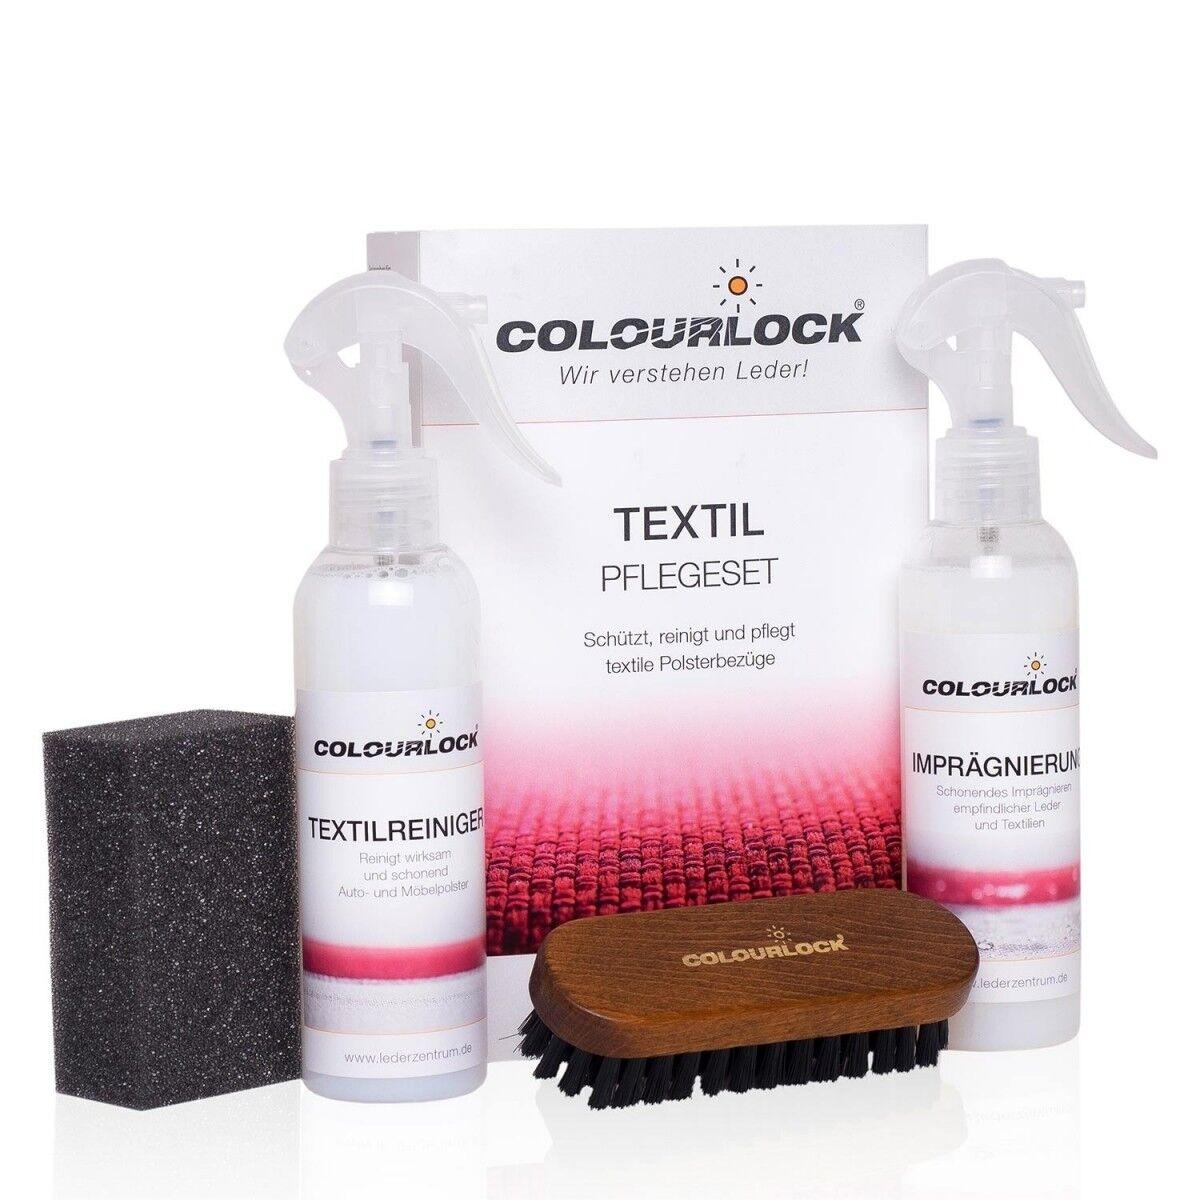 COLOURLOCK Textil-Pflegeset für Microfasern,Alcantara,Stoffe usw.